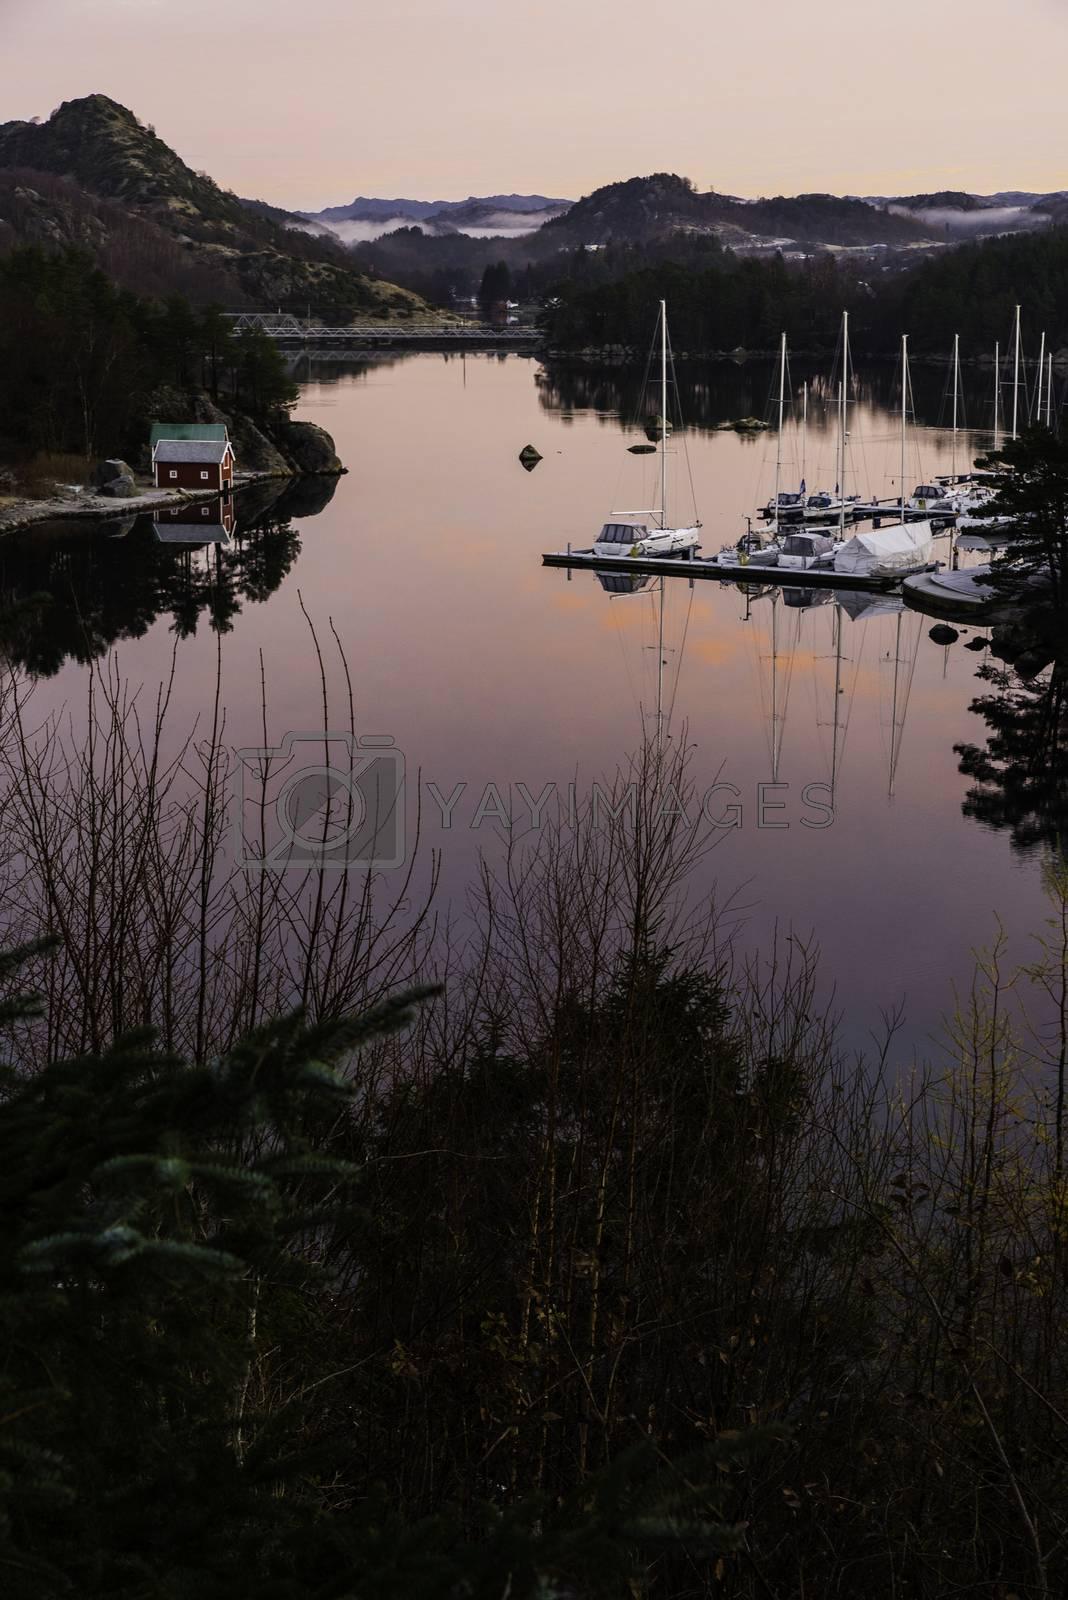 Utsikt ved siden av broen til Eigerøy i Egersund mot Tengs/Fotland rett før solen kommer opp.